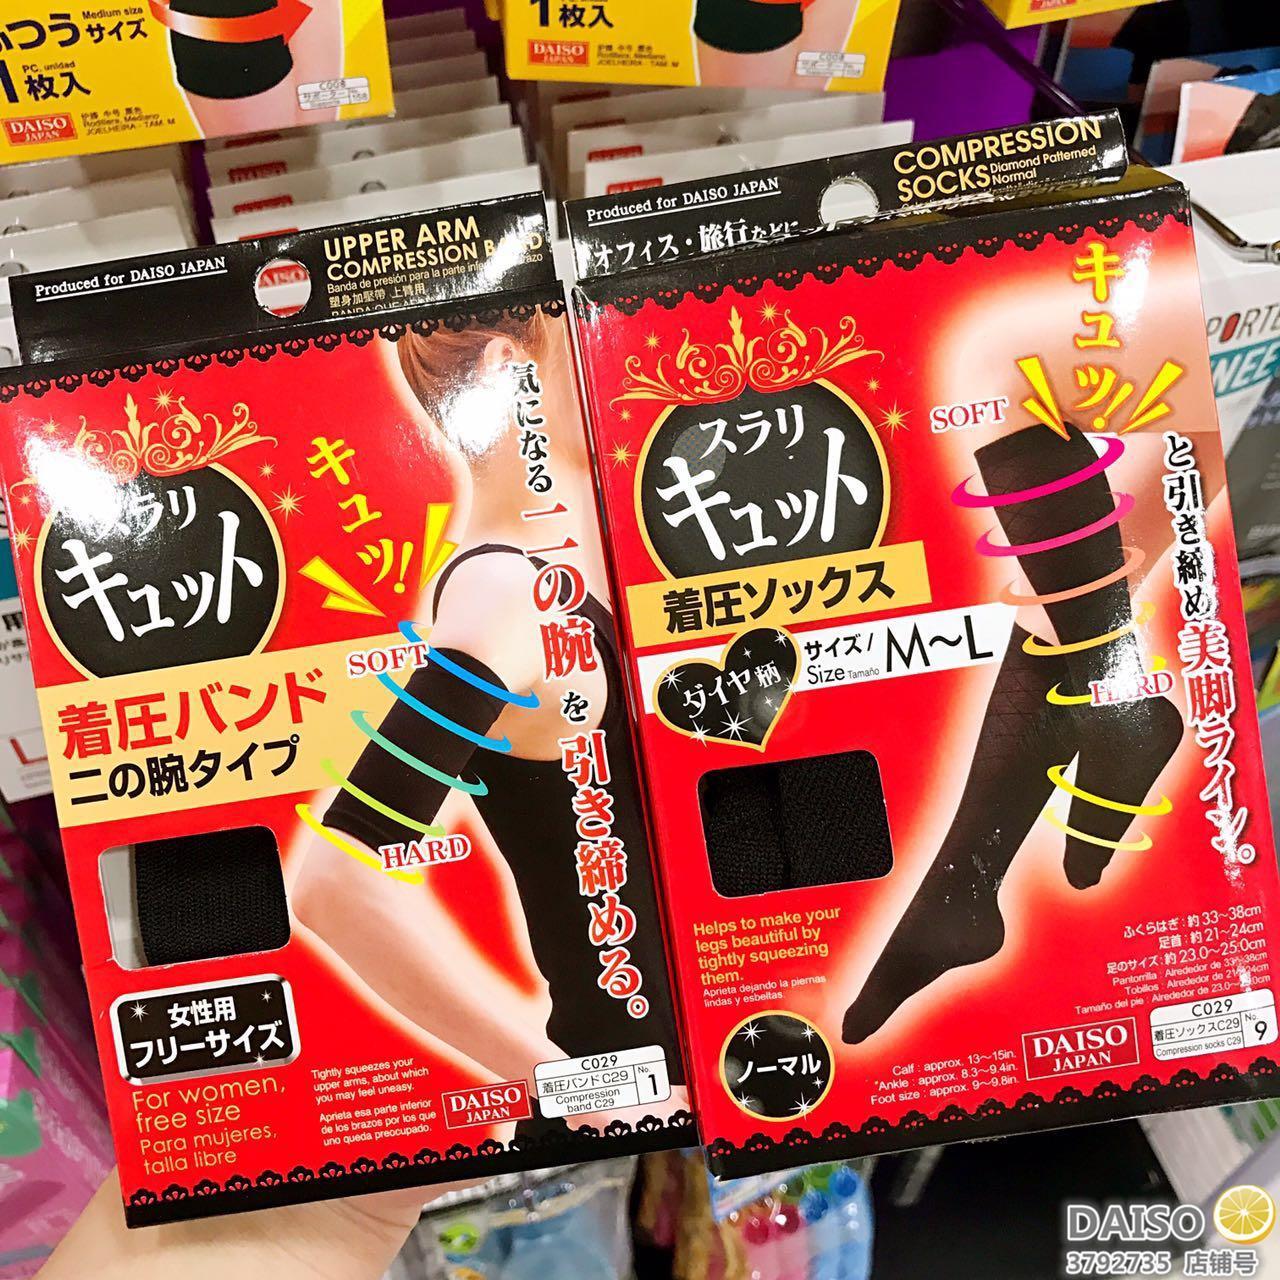 Сейчас в надичии полный пакет почта япония большой создать DAISO тонких и маленьких носки тонкий рука крышка нога носок плотно сокращаться группа влияние ультра хорошо